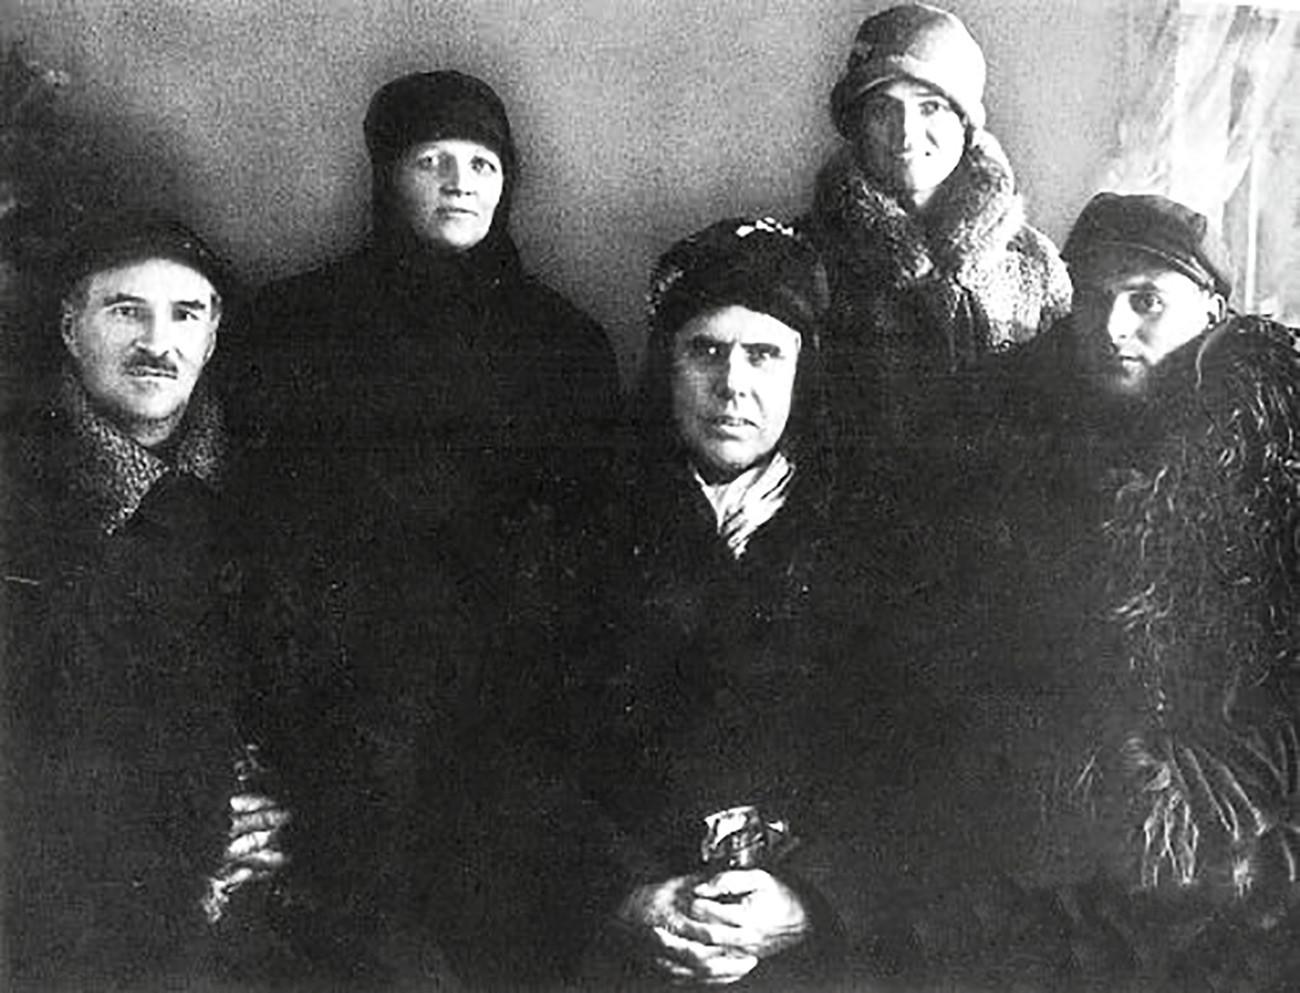 Теодор Драйзер (по середине) и его спутники, 19 декабря 1927 года